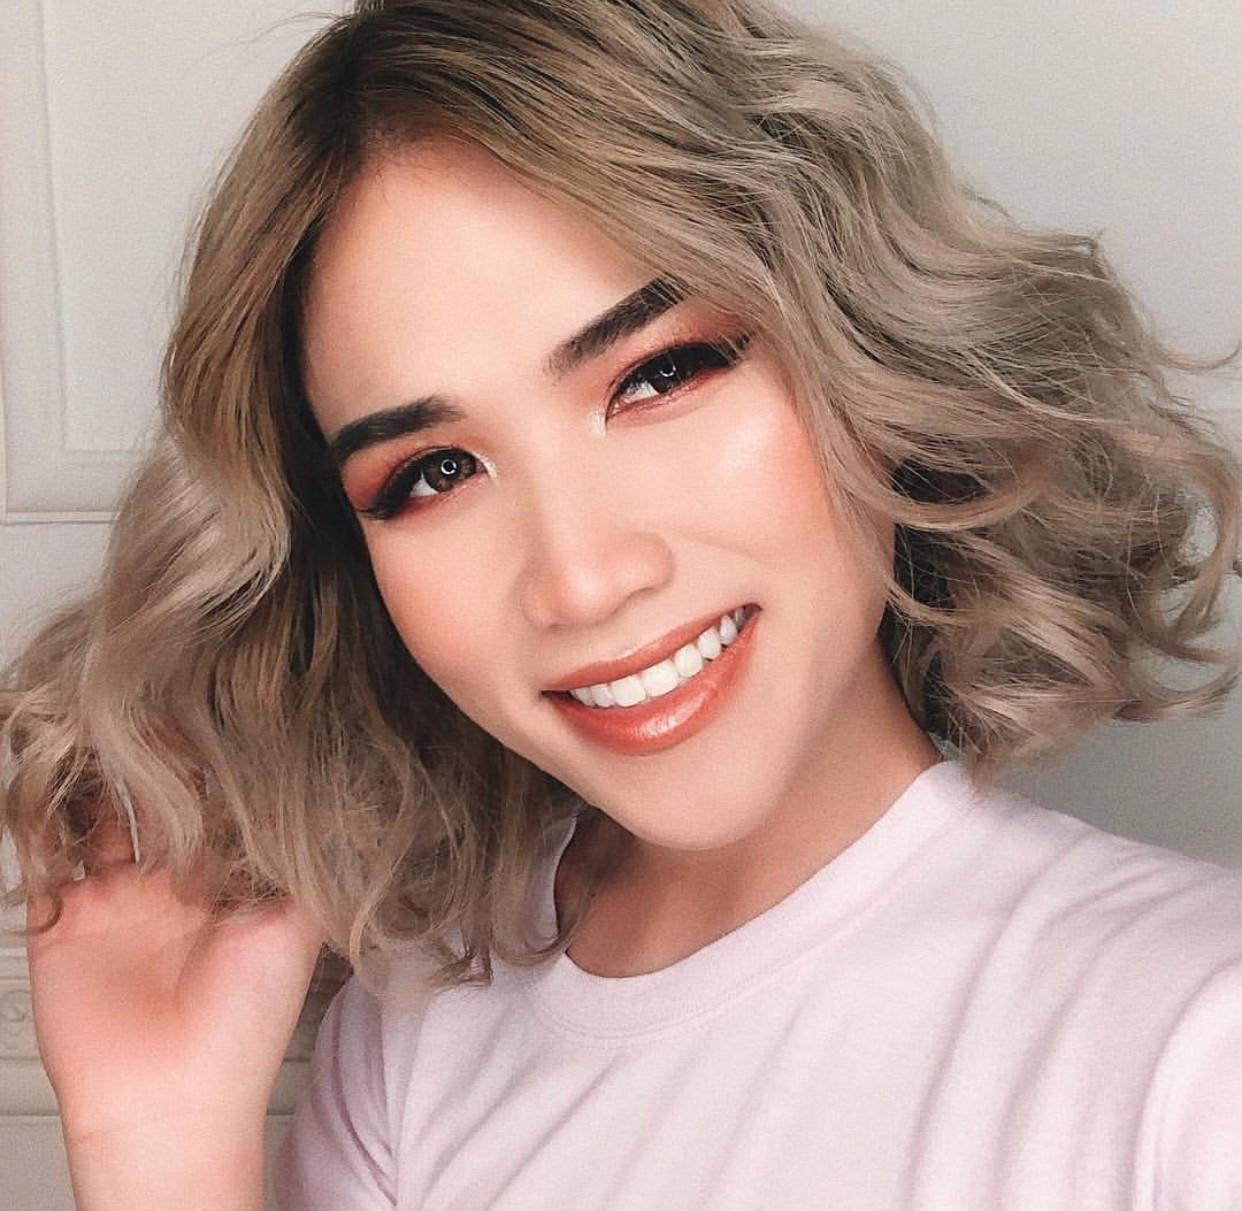 Làm quen với hội bạn thân mới nổi trên Youtube: Đều là beauty blogger, trong đó có 2 nhân vật vô cùng đặc biệt - Ảnh 14.